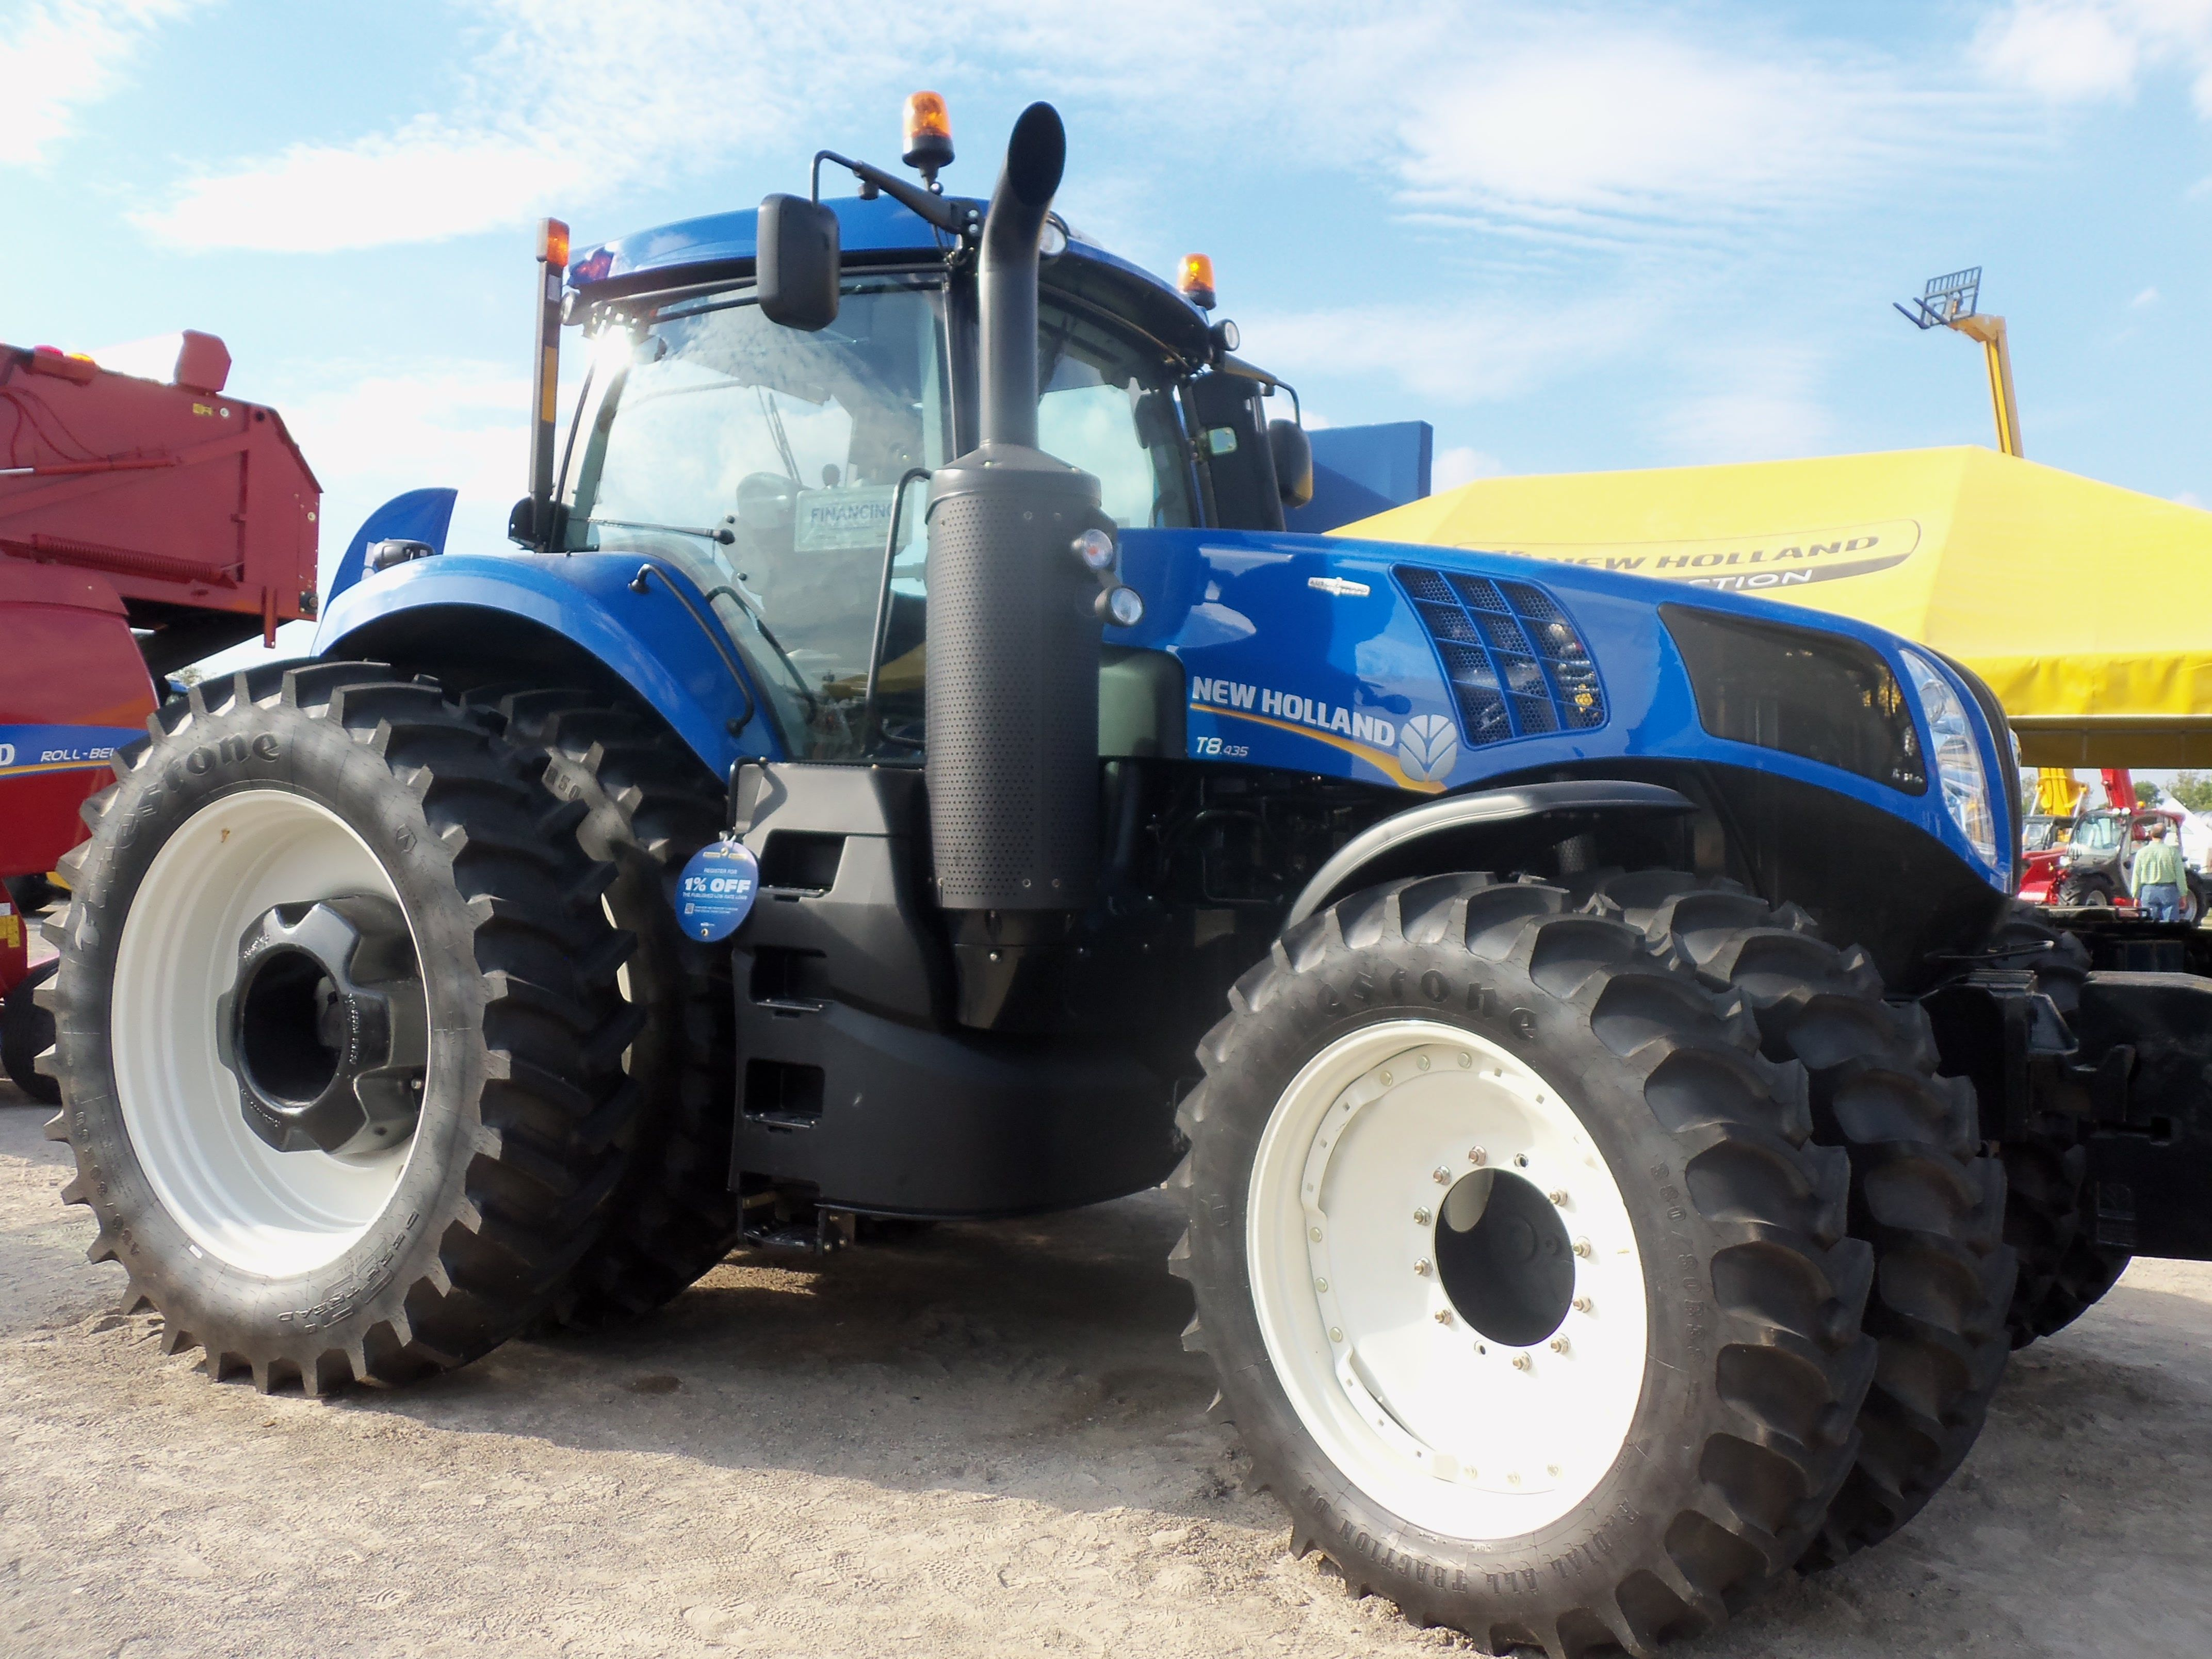 New Holland Tractor New Holland Tractor Big Tractors New